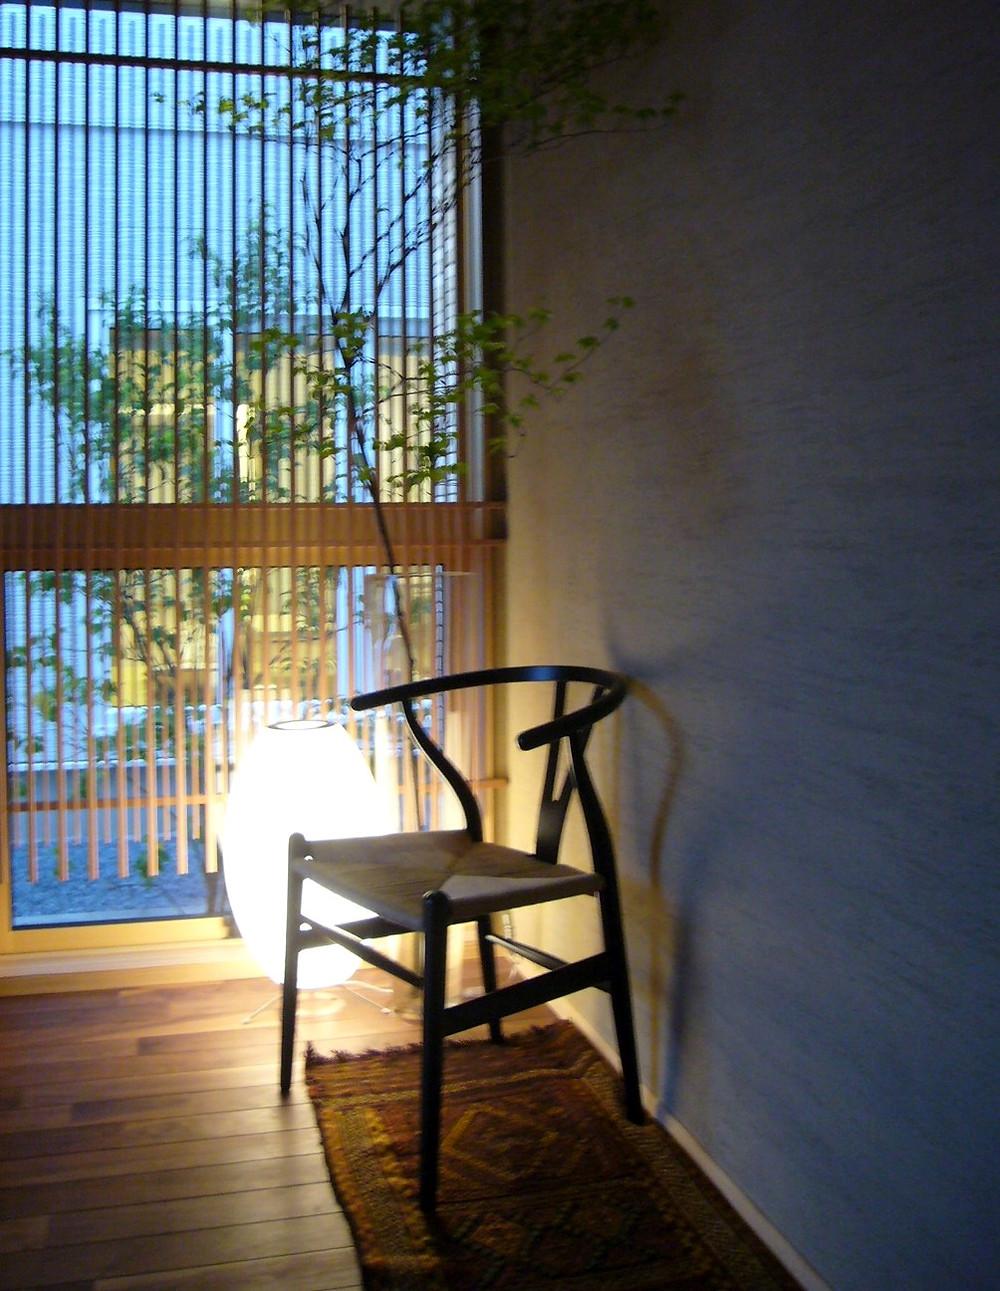 バブルランプとYチェアー。玄関のインテリアの実例。コーディネーターのブログ。